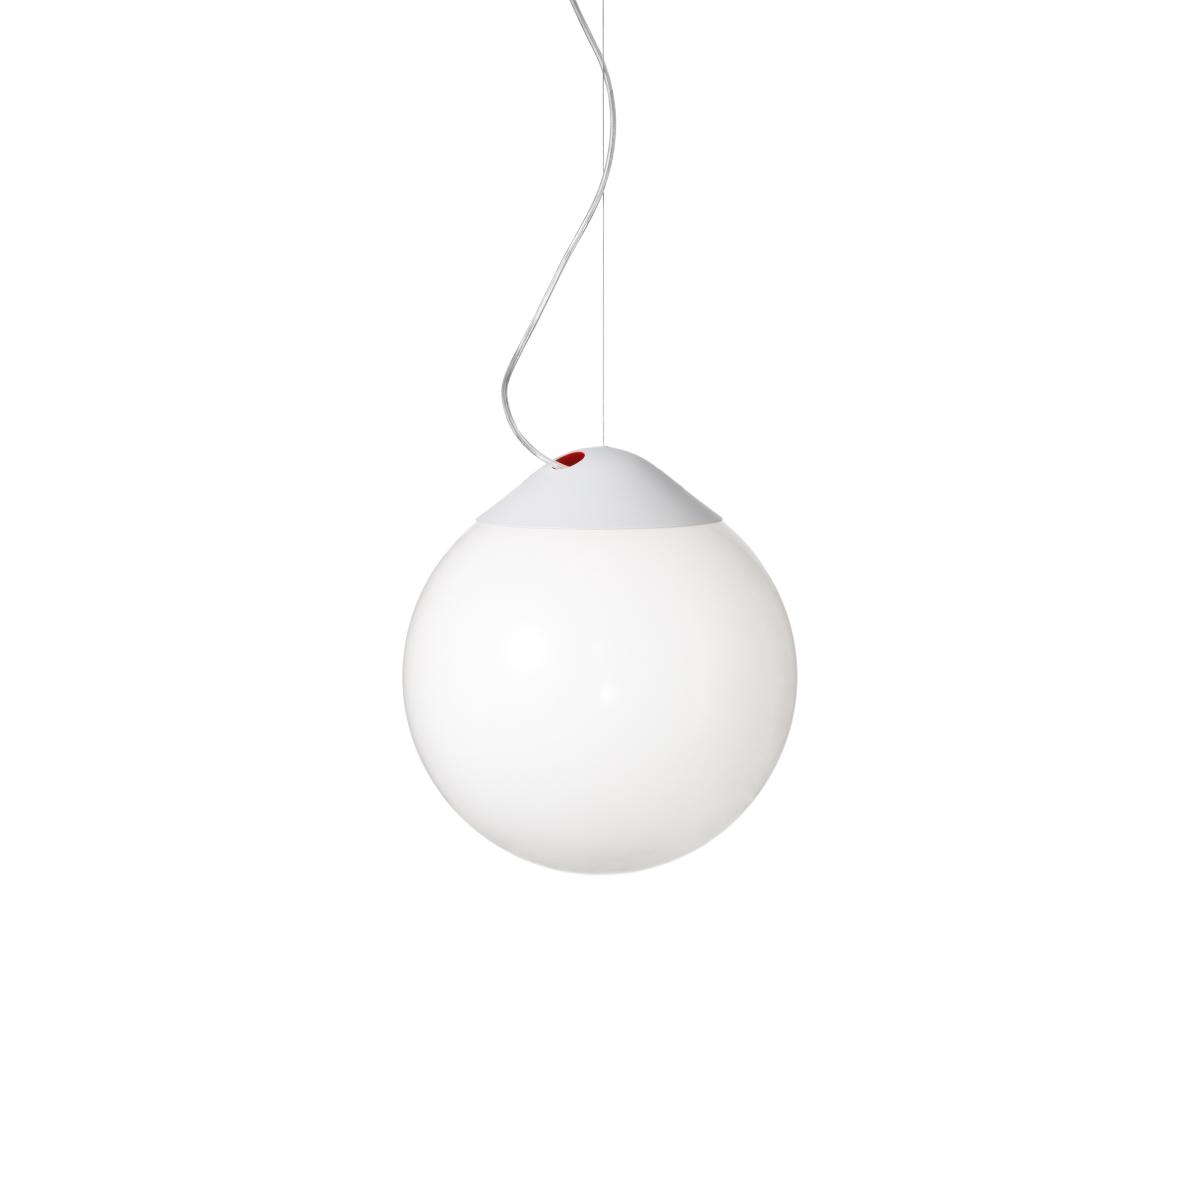 Taklampa Droplight 300 Örsjö Belysning